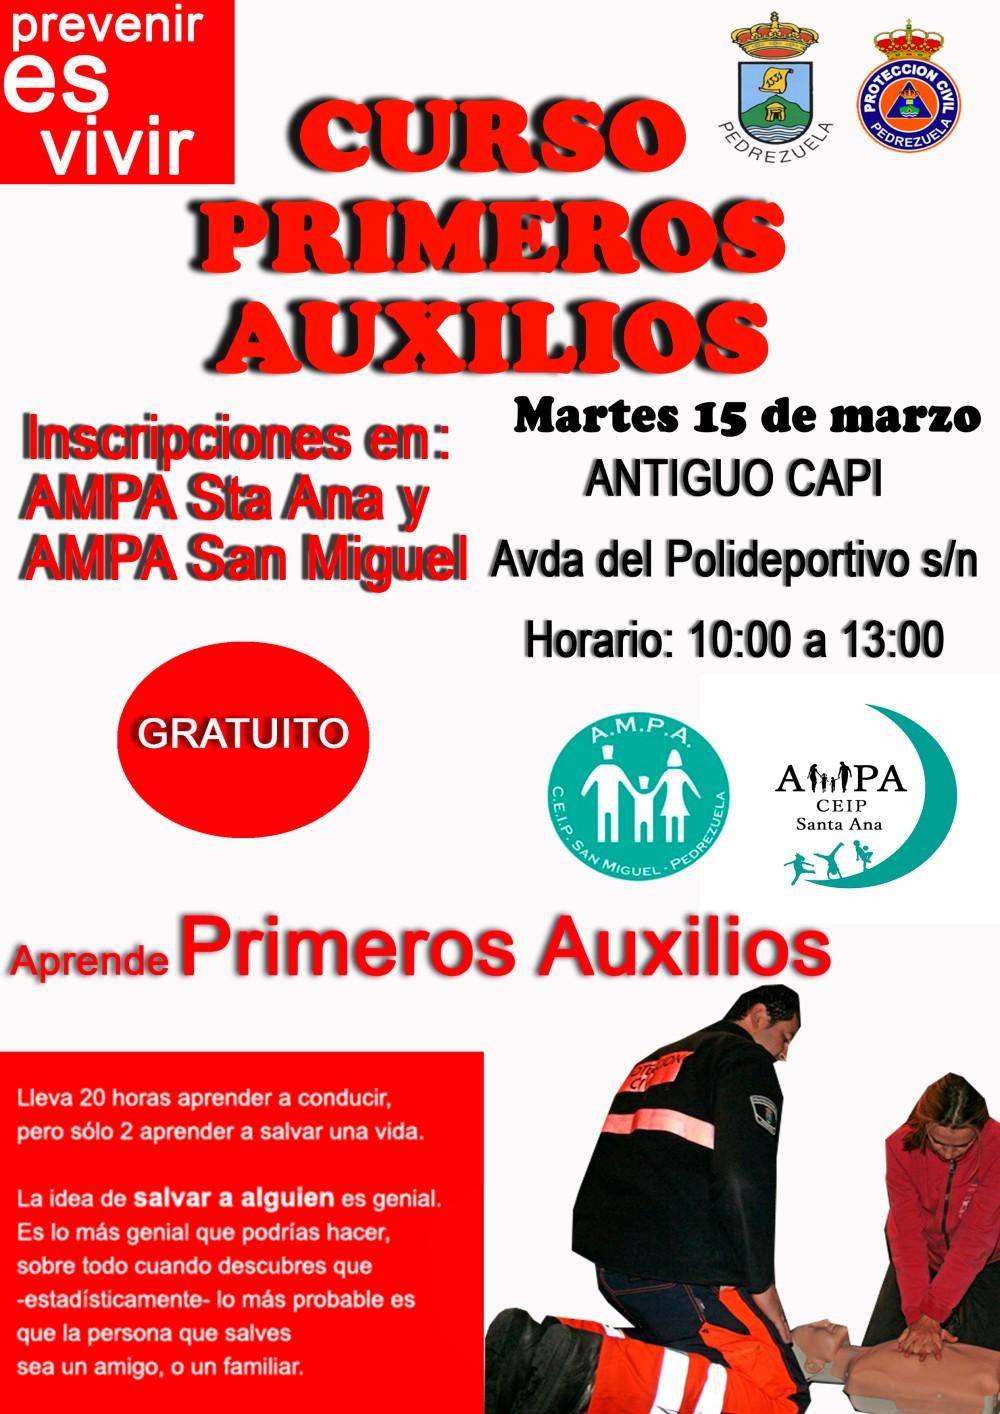 CARTEL CURSO PRIMEROS AUXILIOS 2016